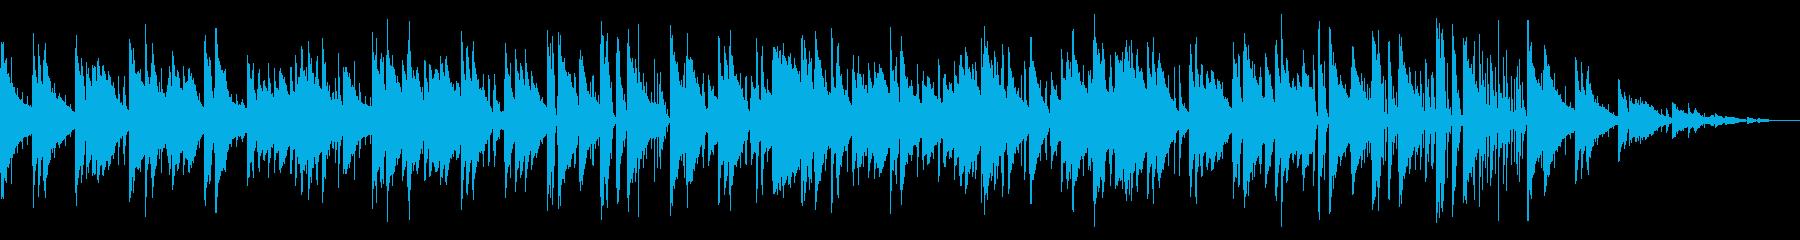 リラックスできるジャズピアノトリオの再生済みの波形